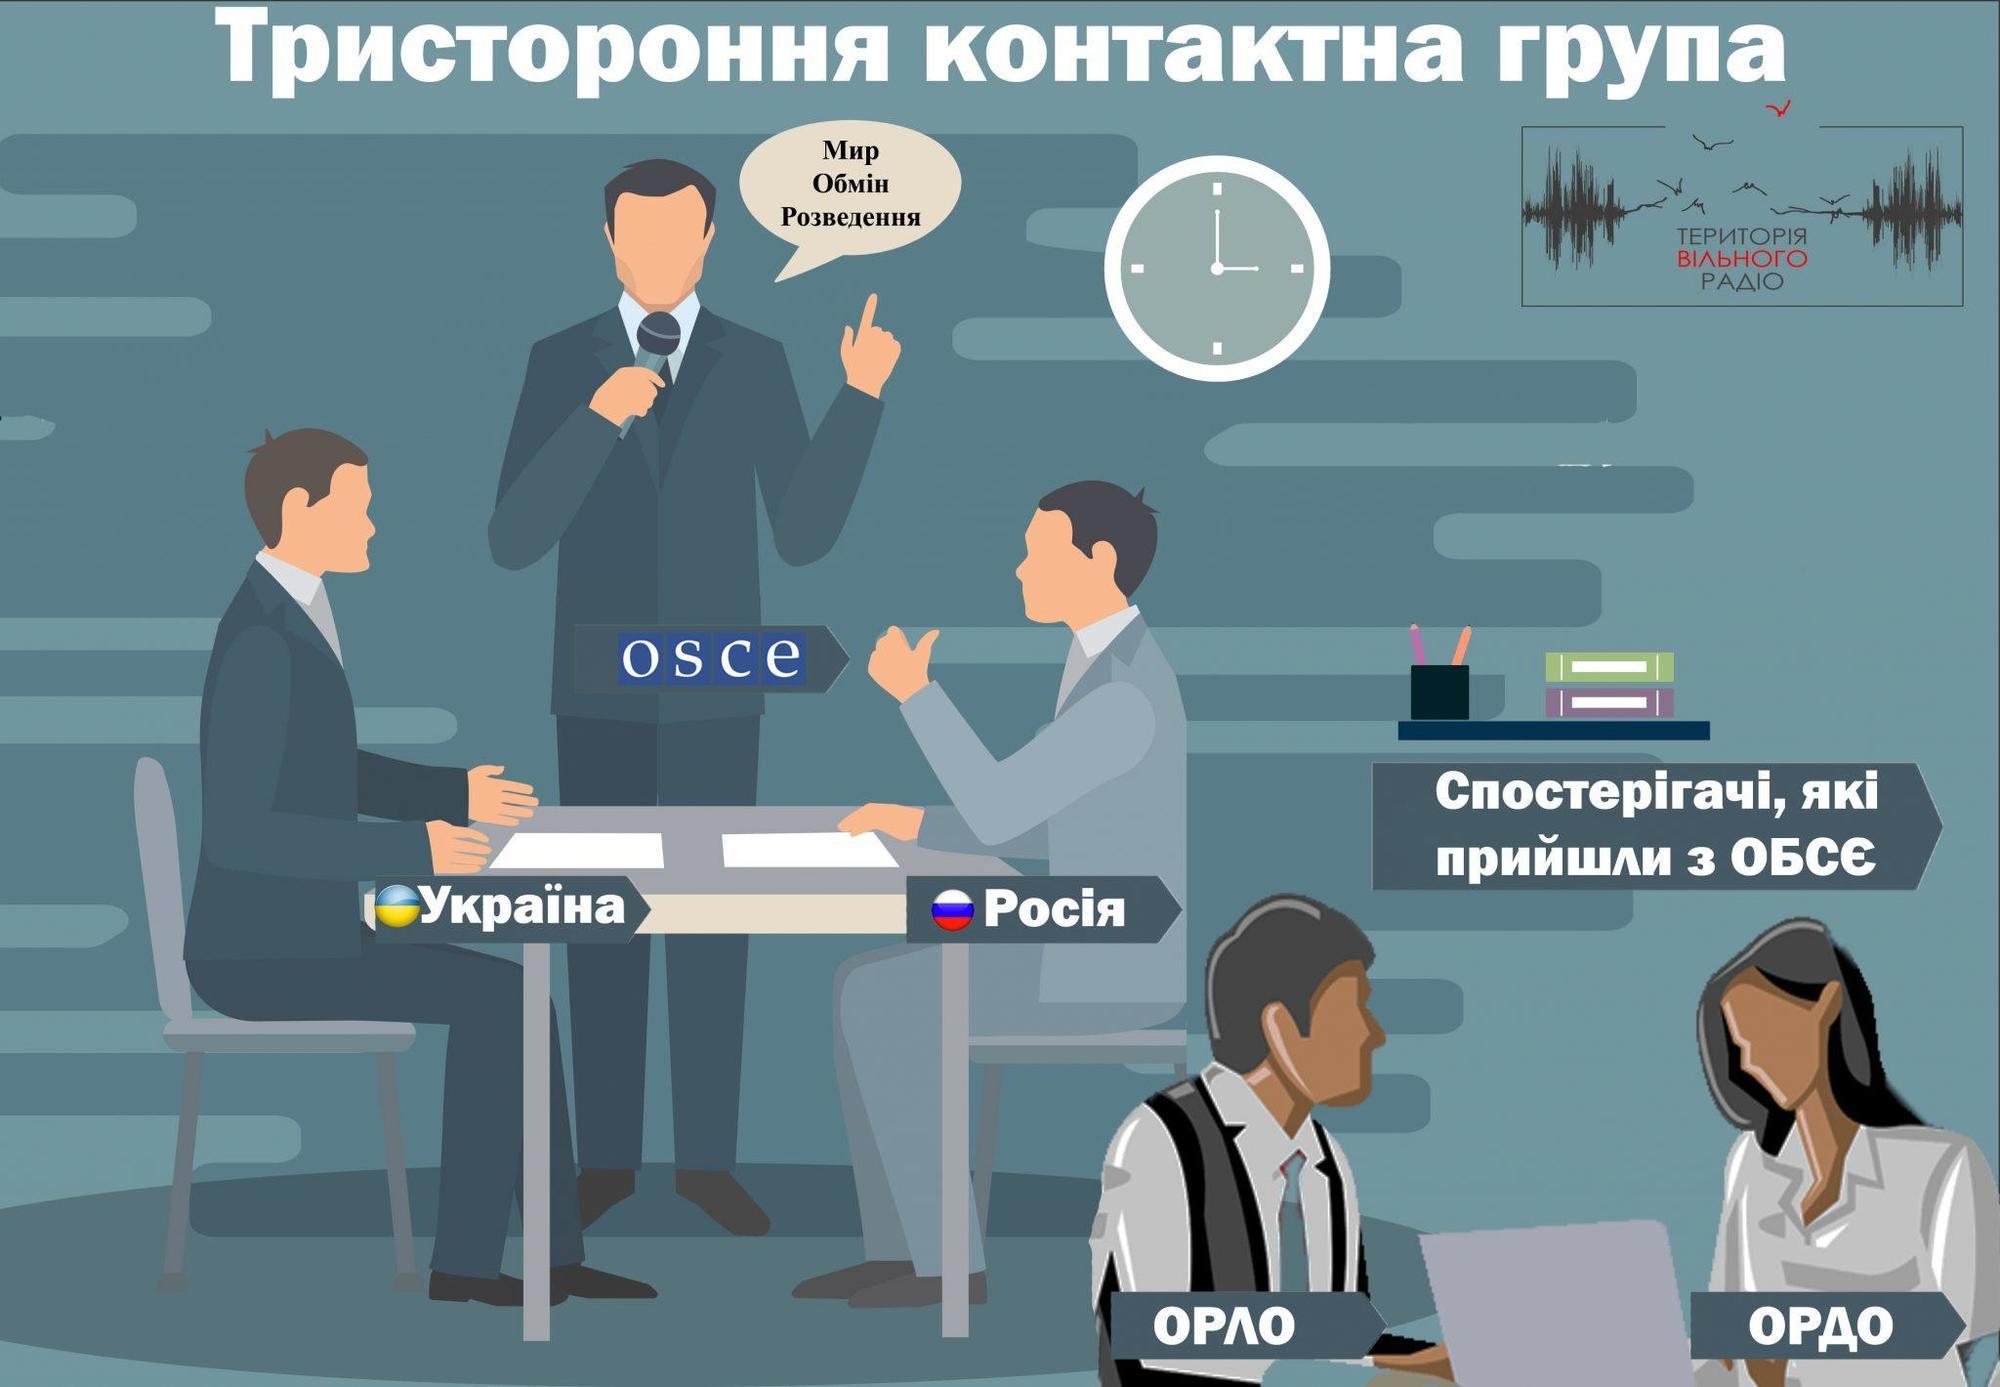 На наступному засіданні ТКГ Україну представлятиме розширена делегація